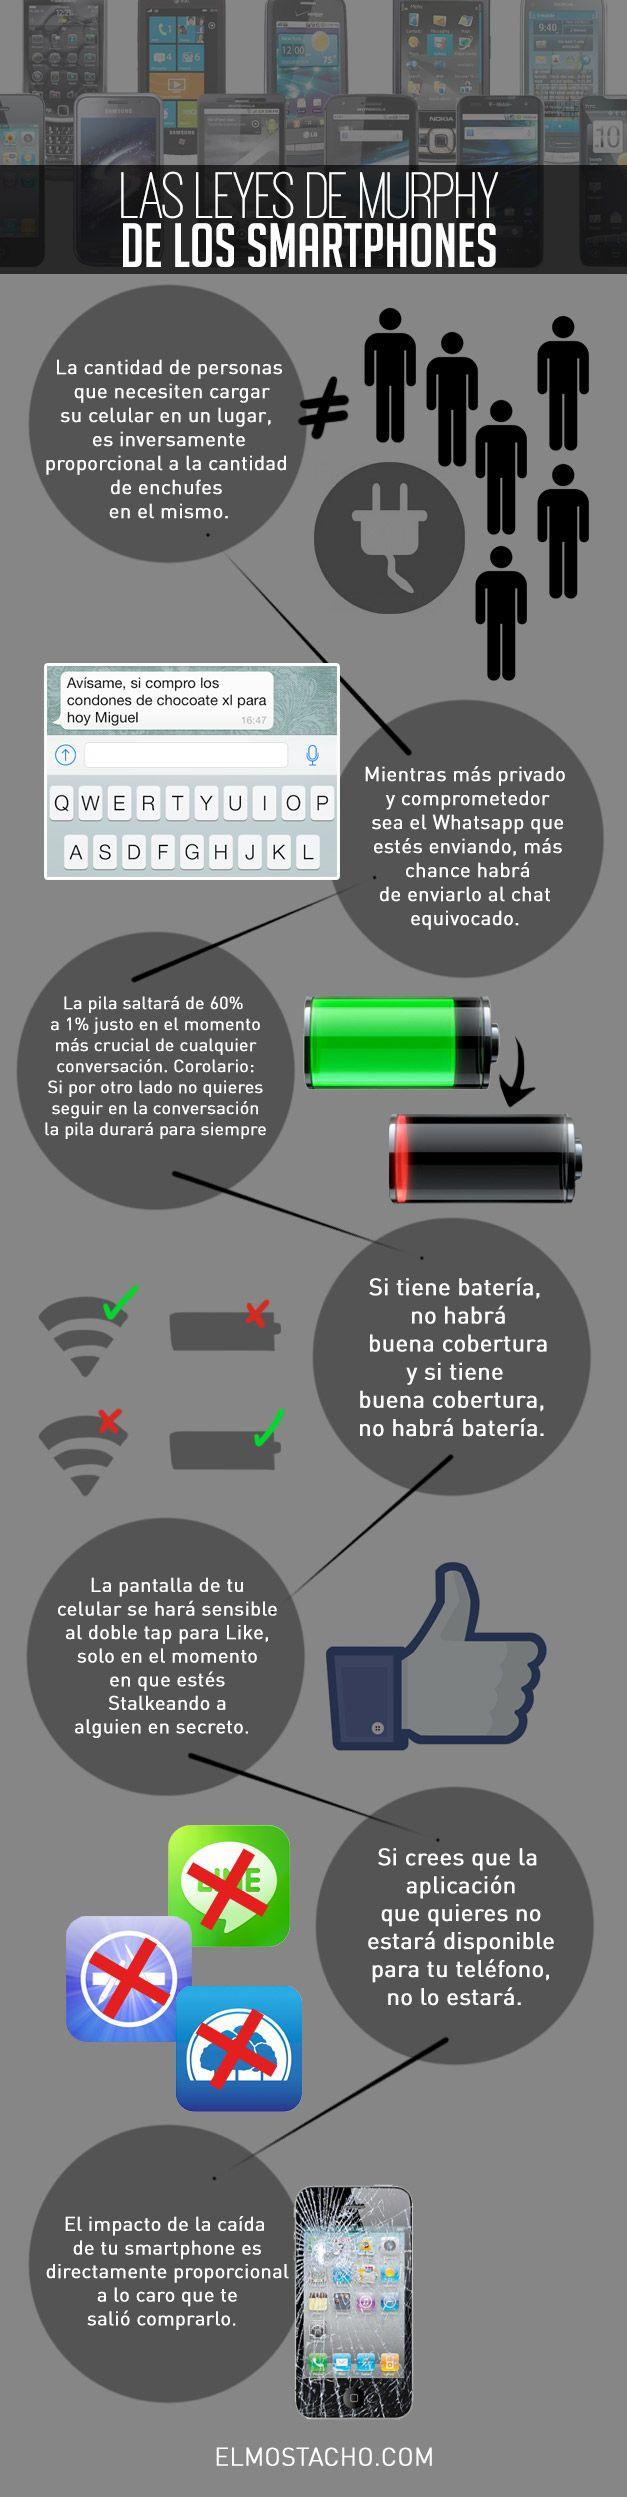 Las Leyes de Murphy de los Smartphones